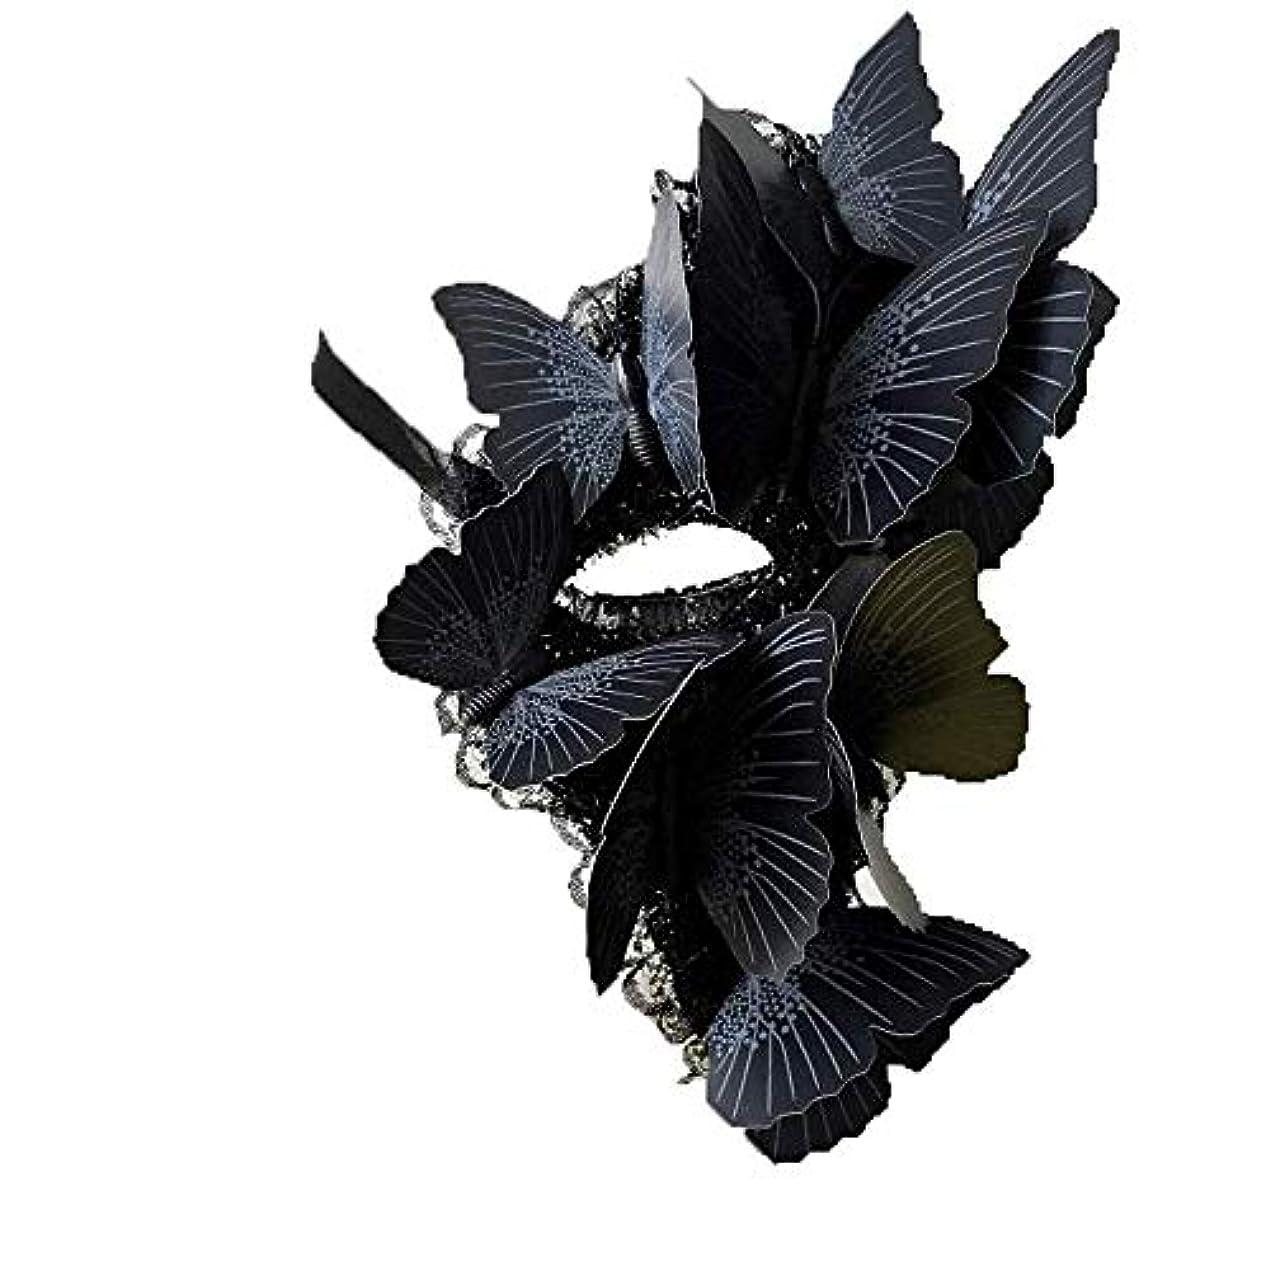 従来の形式追記Nanle ハロウィーンの蝶単眼マスク仮装マスクレディミスプリンセス美しさの祭パーティ装飾 (色 : Style B, サイズ さいず : Right eye)